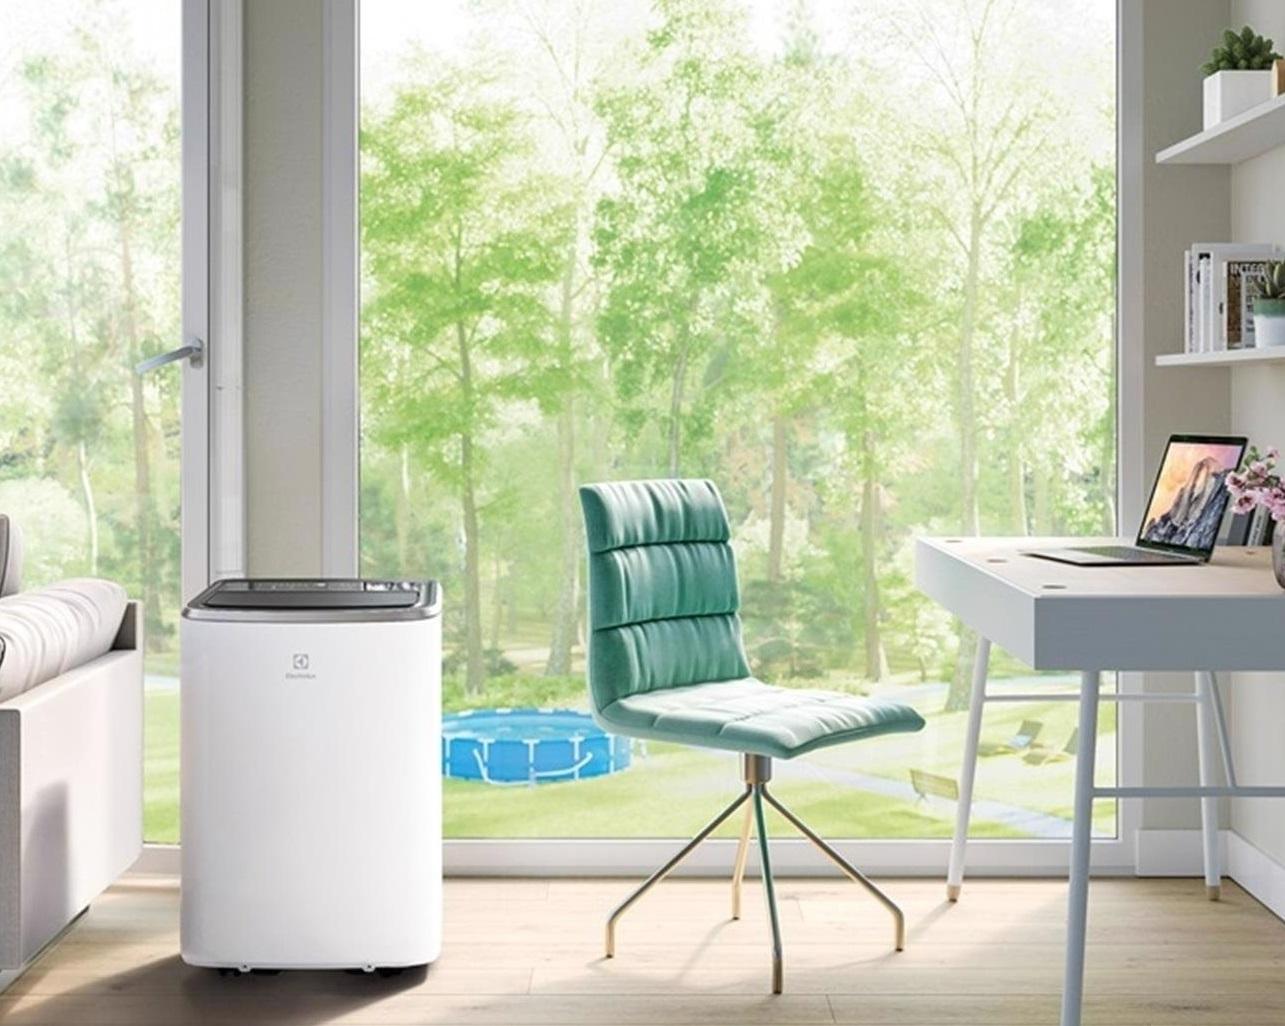 Na zdjęciu znajduje się model Electrolux EXP26U338HW – Klimatyzator przenośny z funkcją grzania.